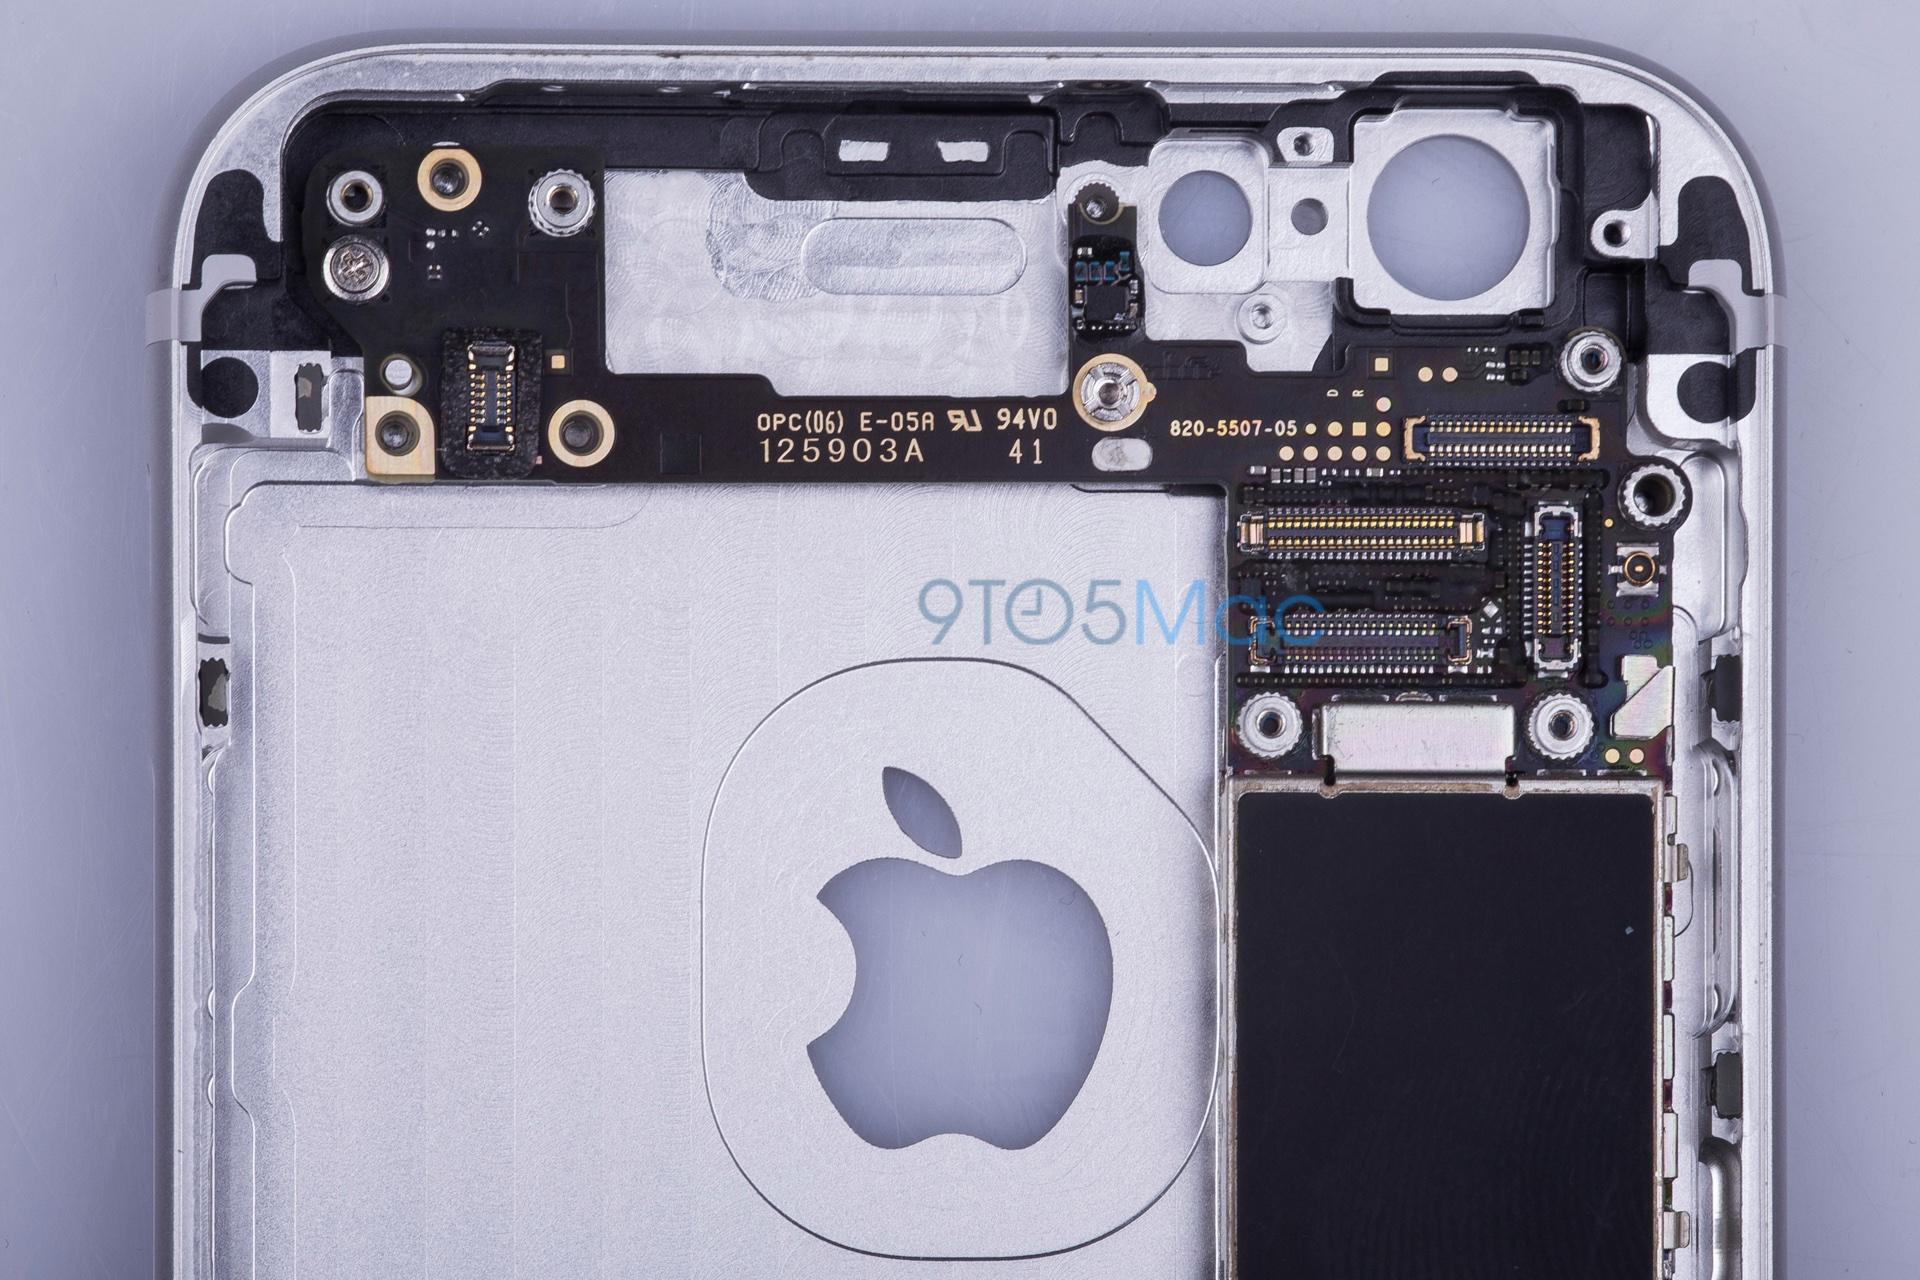 """Novo chip da Qualcomm no suposto """"iPhone 6s"""""""